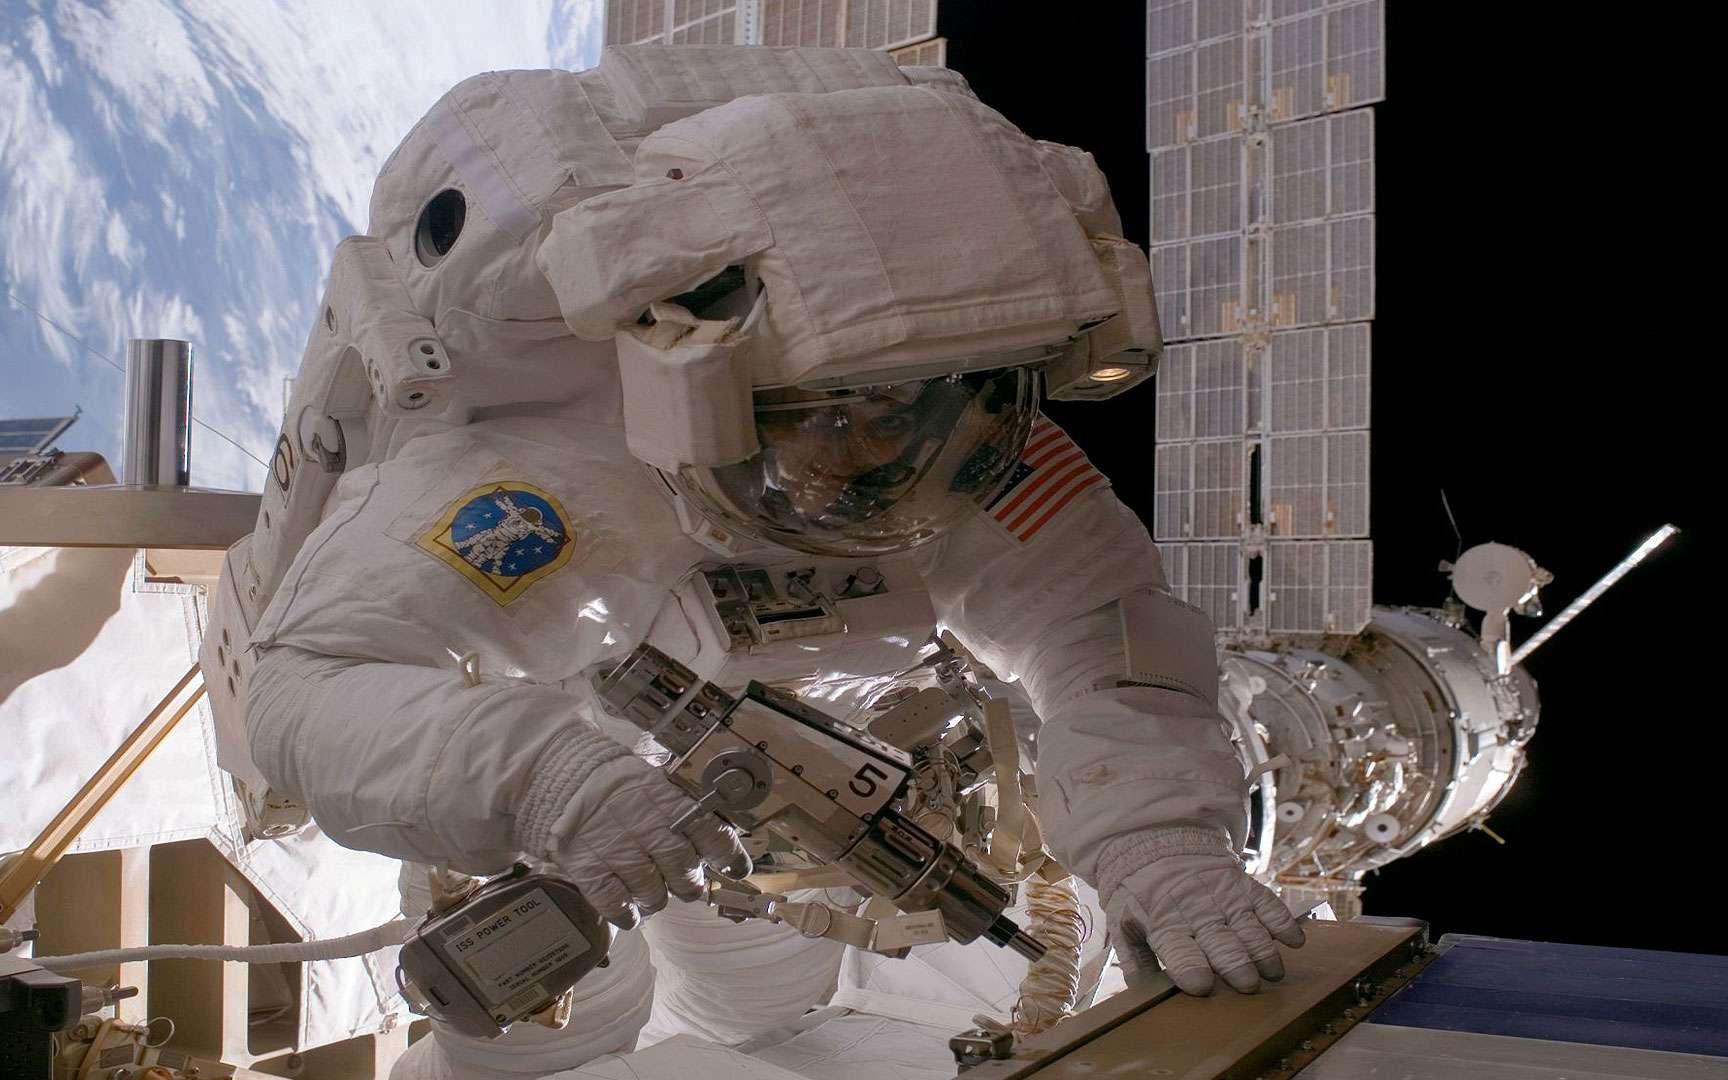 Réparations effectuées dans l'espace. Armée de ses outils, l'astronaute états-unienne Sunita Williams travaille dans l'espace pour reconfigurer l'une des deux boucles de refroidissement de la Station spatiale internationale le 31 juillet 2007. © Nasa Goddard Photo and Video